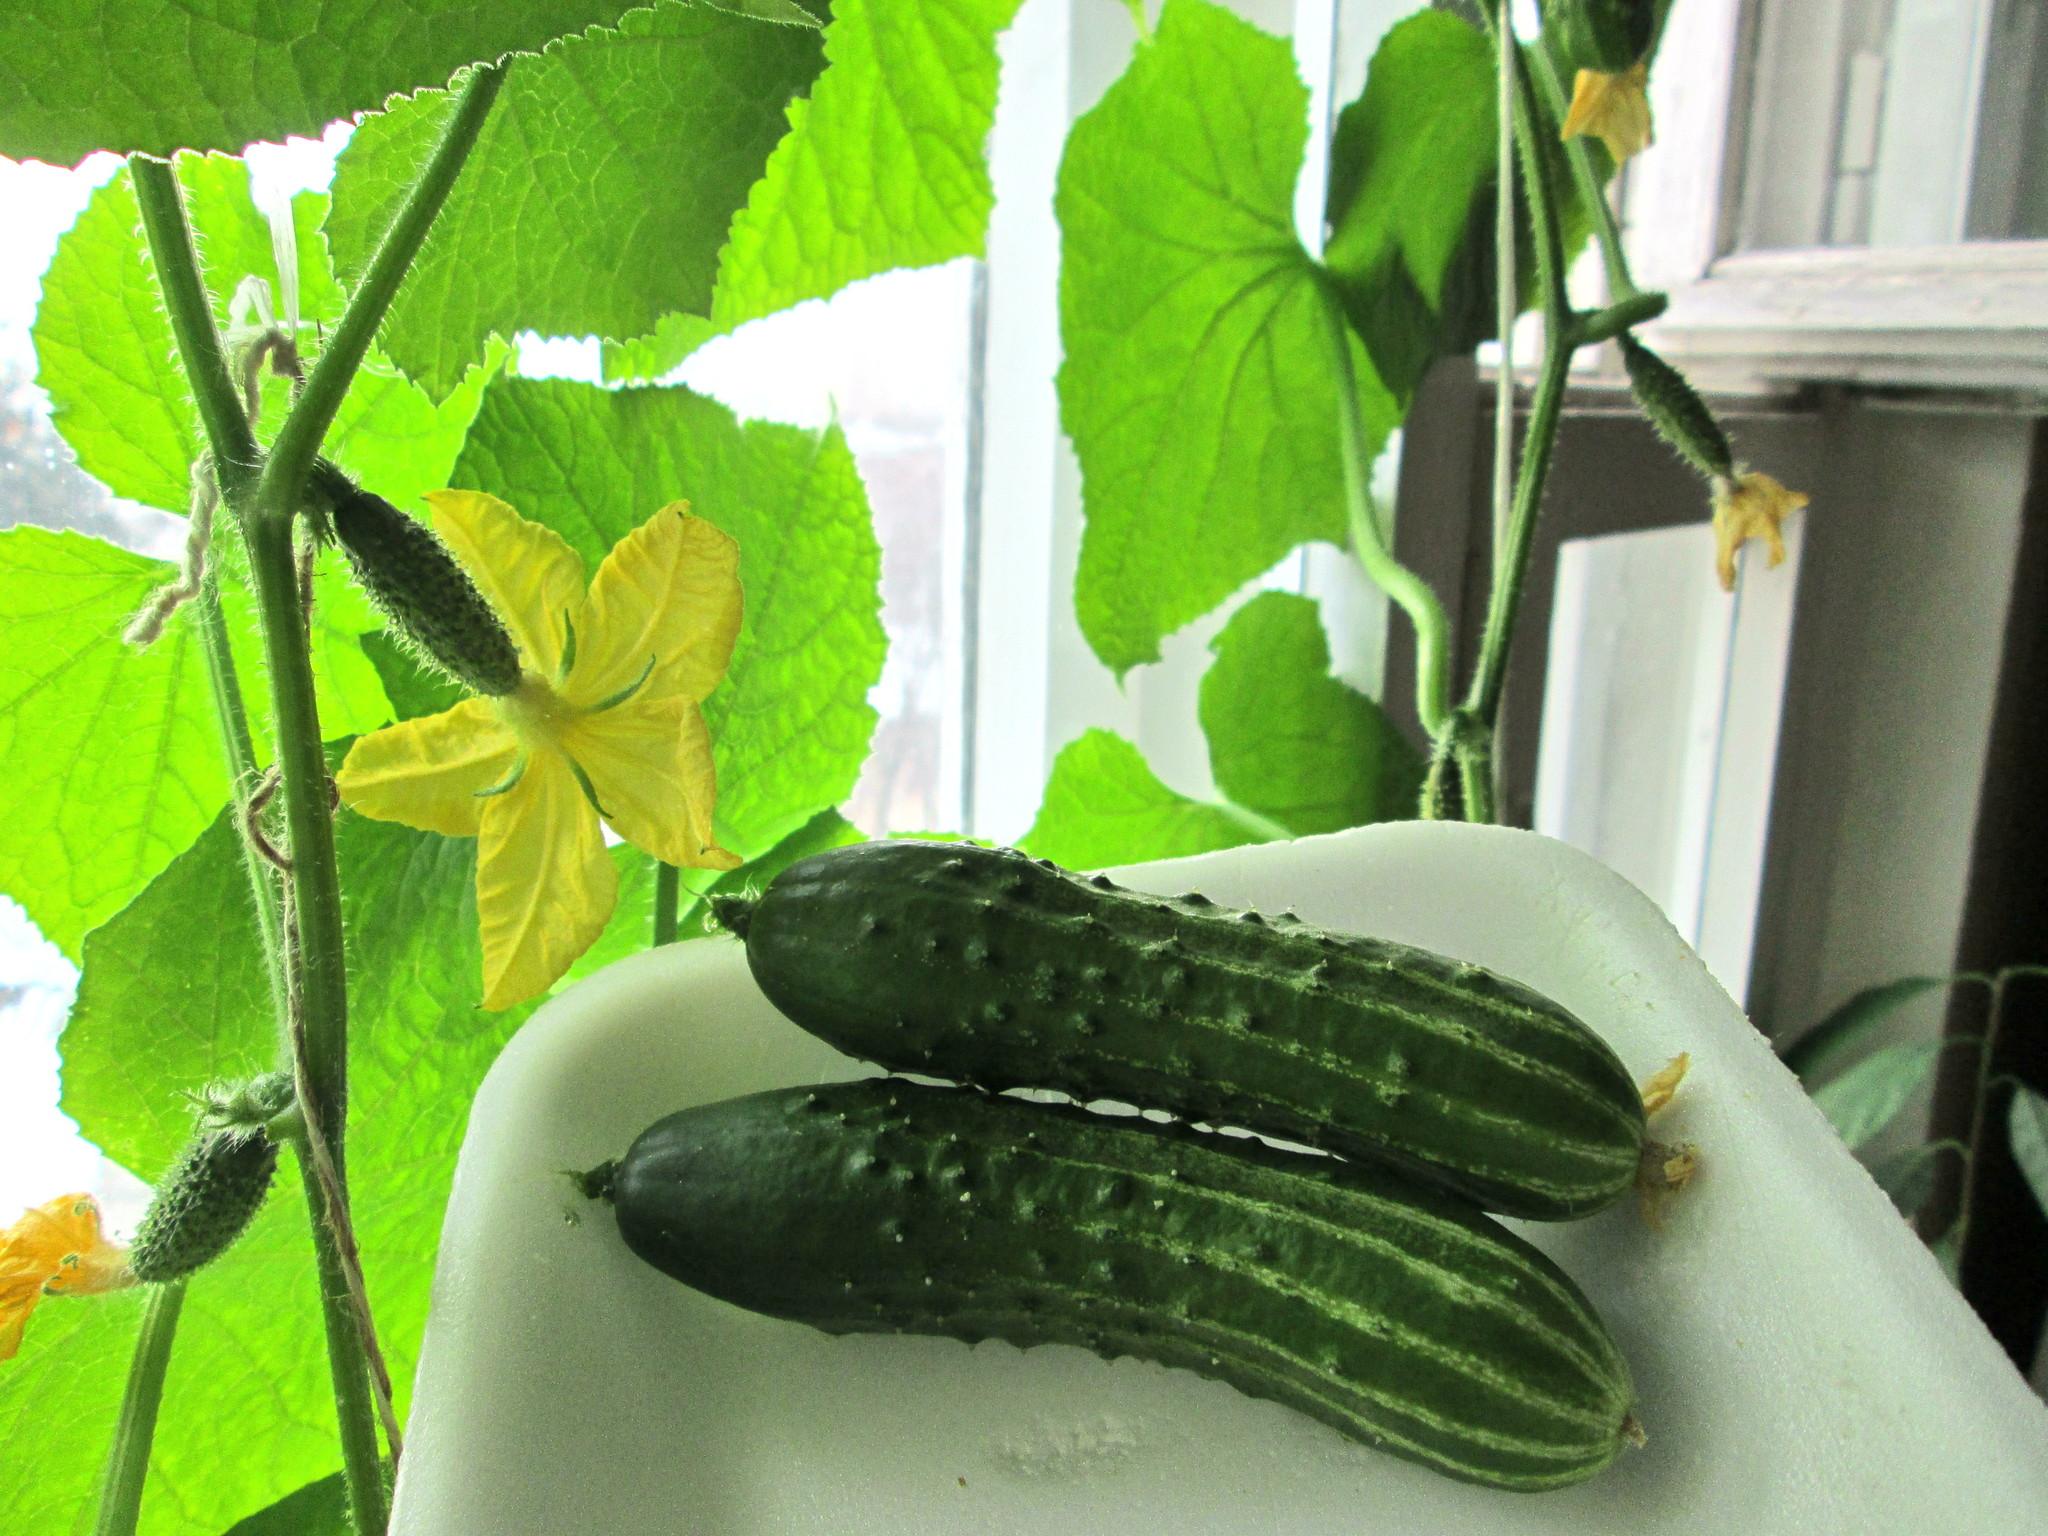 Выращивание огурцов зимой в теплице: рекомендации садоводов 23